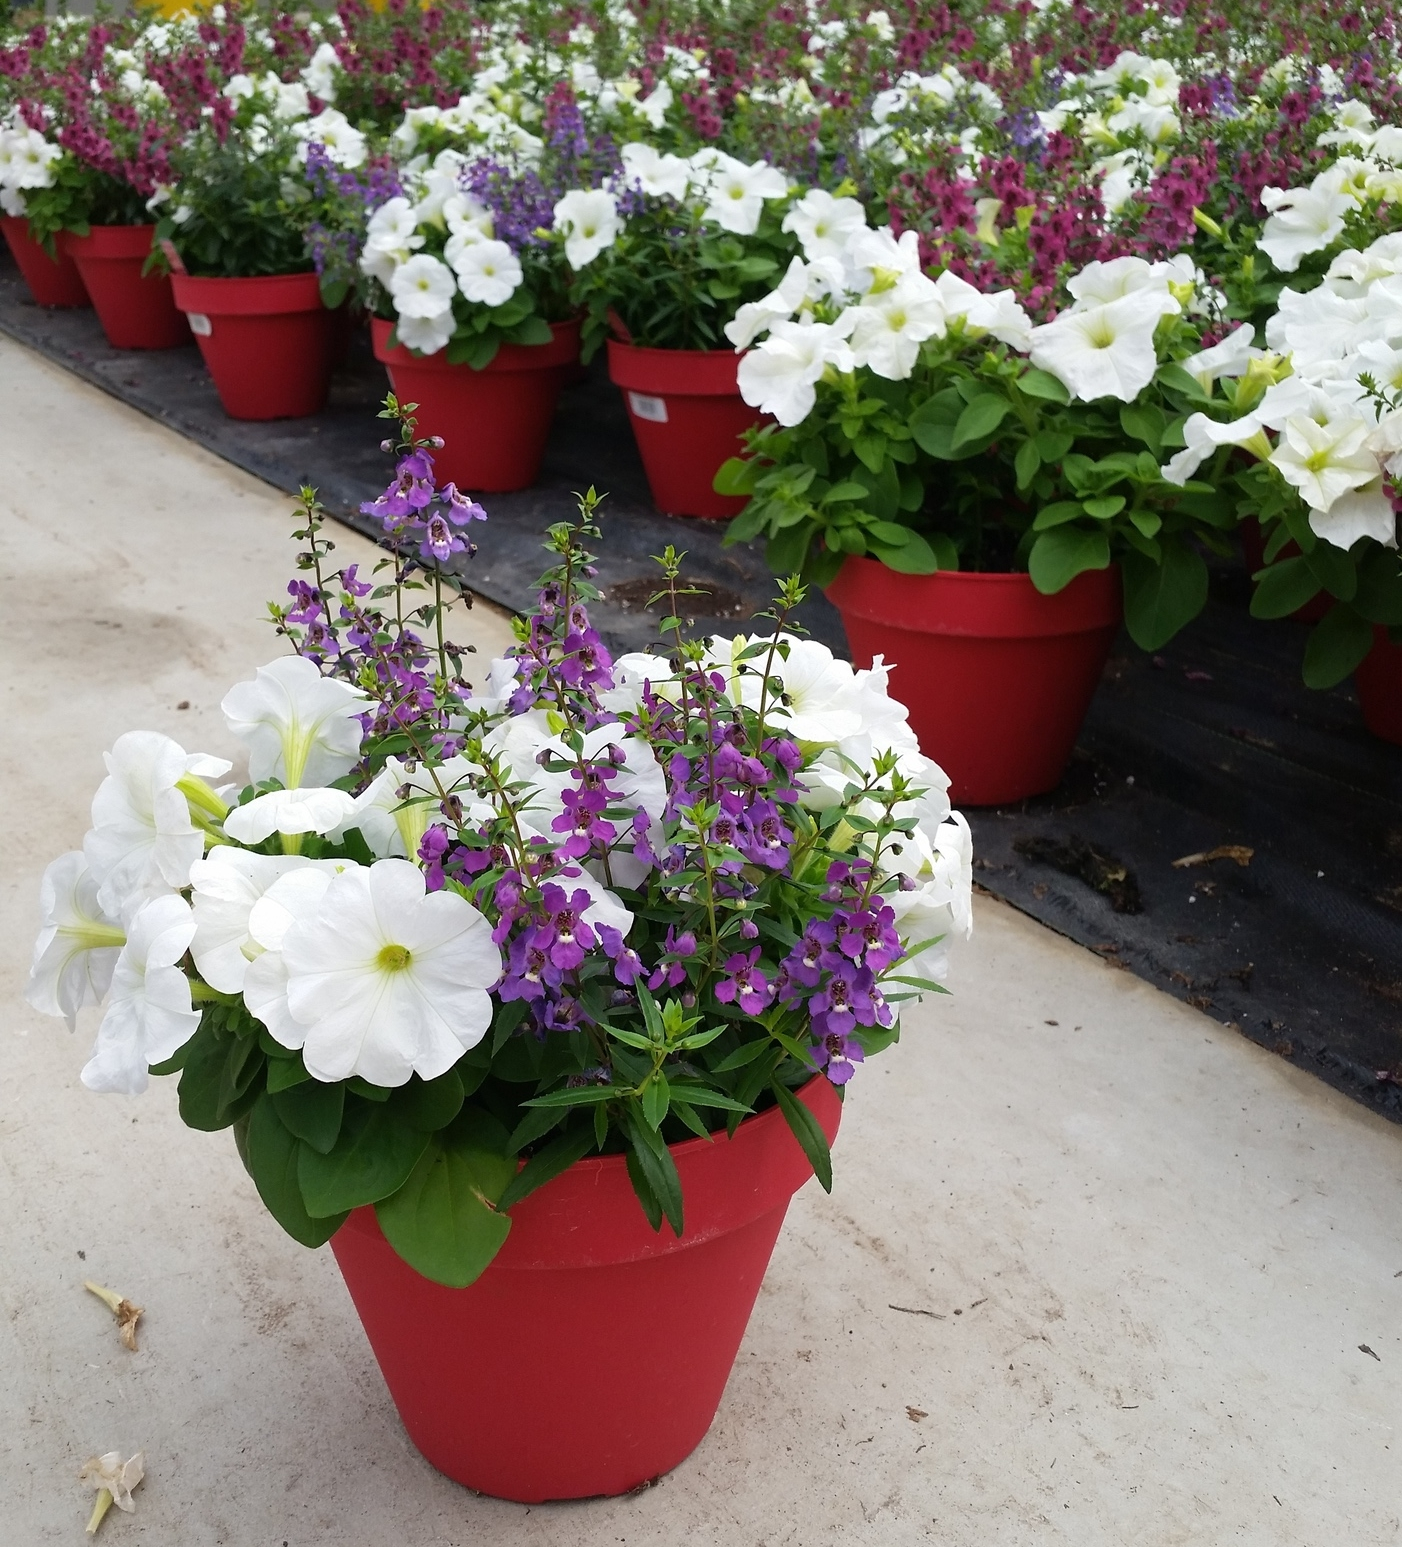 05-16-2015 D8 Terra Planter - Wenke - Petunia Angelonia.jpg